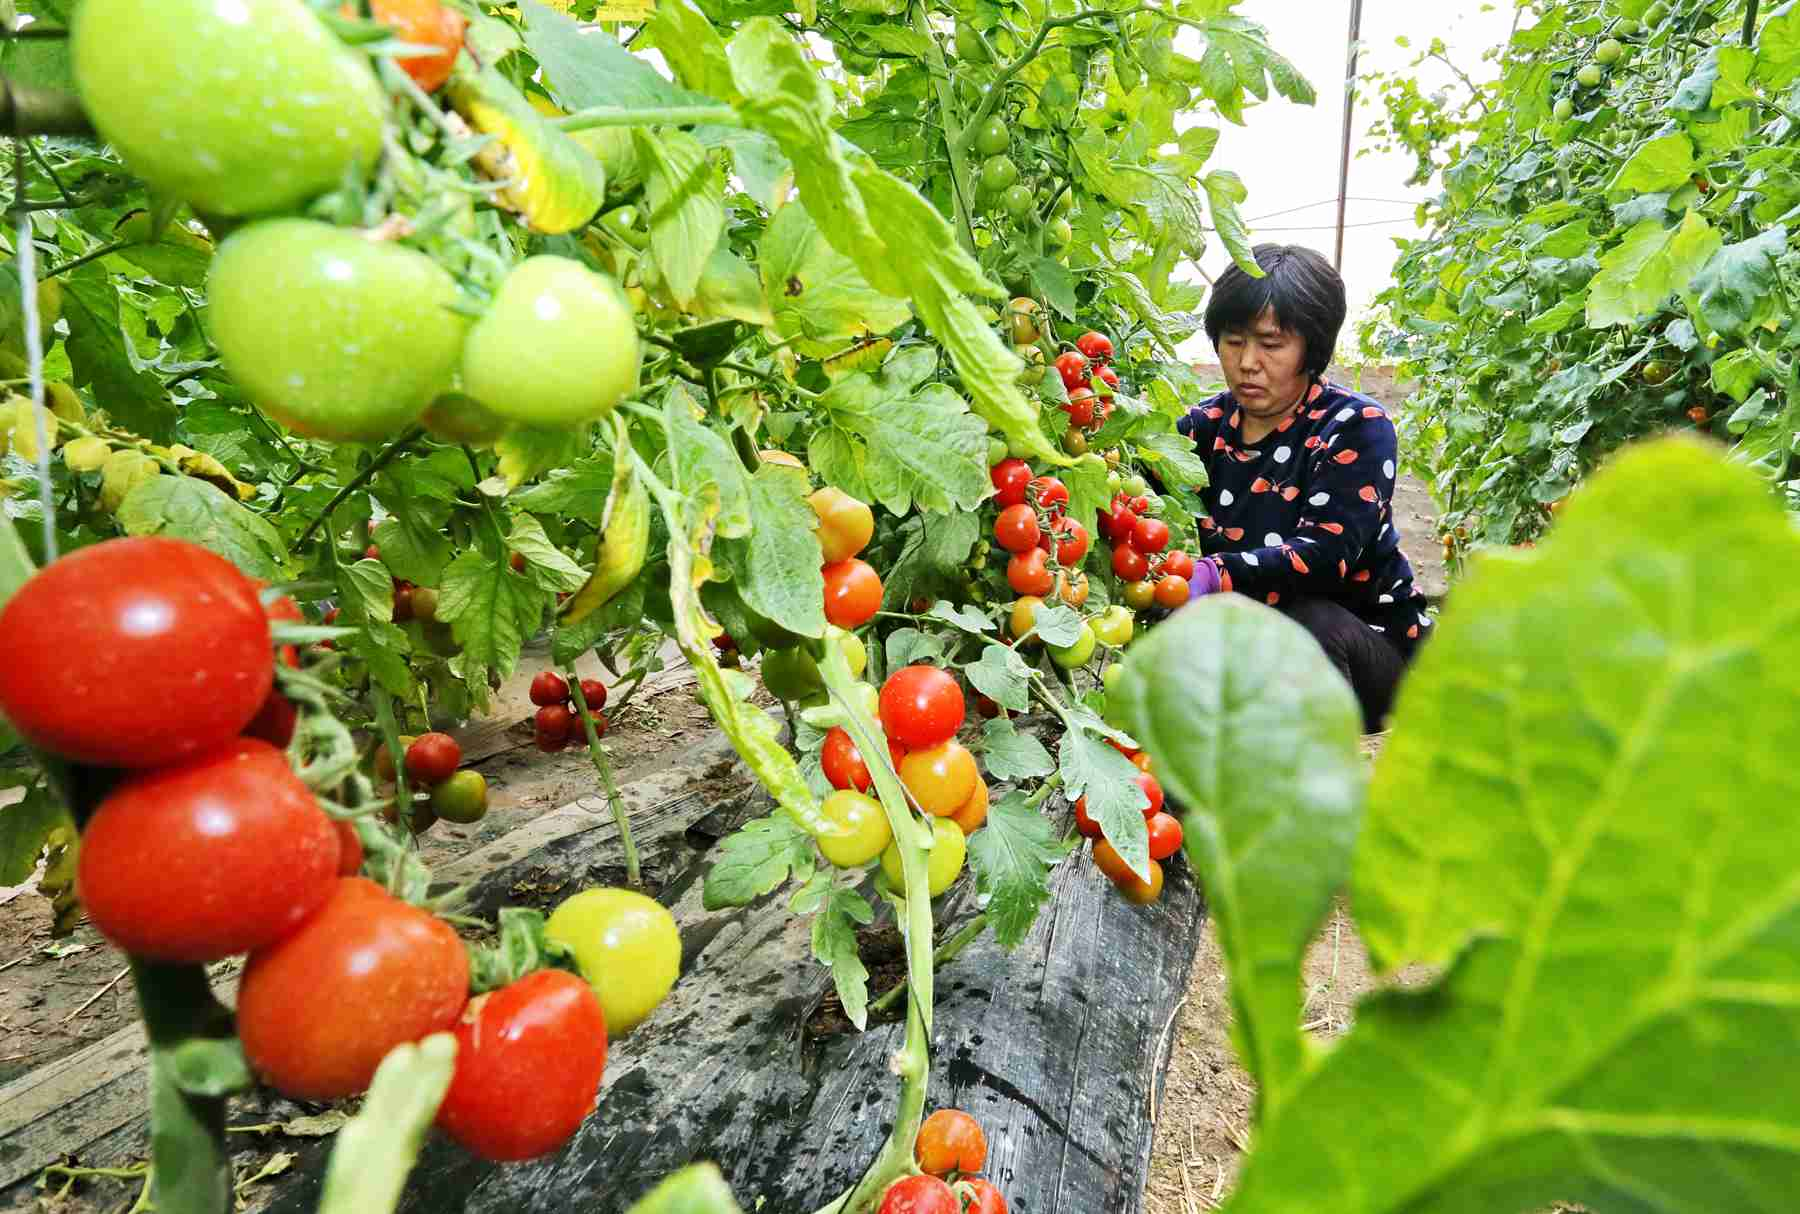 中国在WTO起诉美国征税措施!反制措施已出农业股大涨,这些国内农产品或迎契机